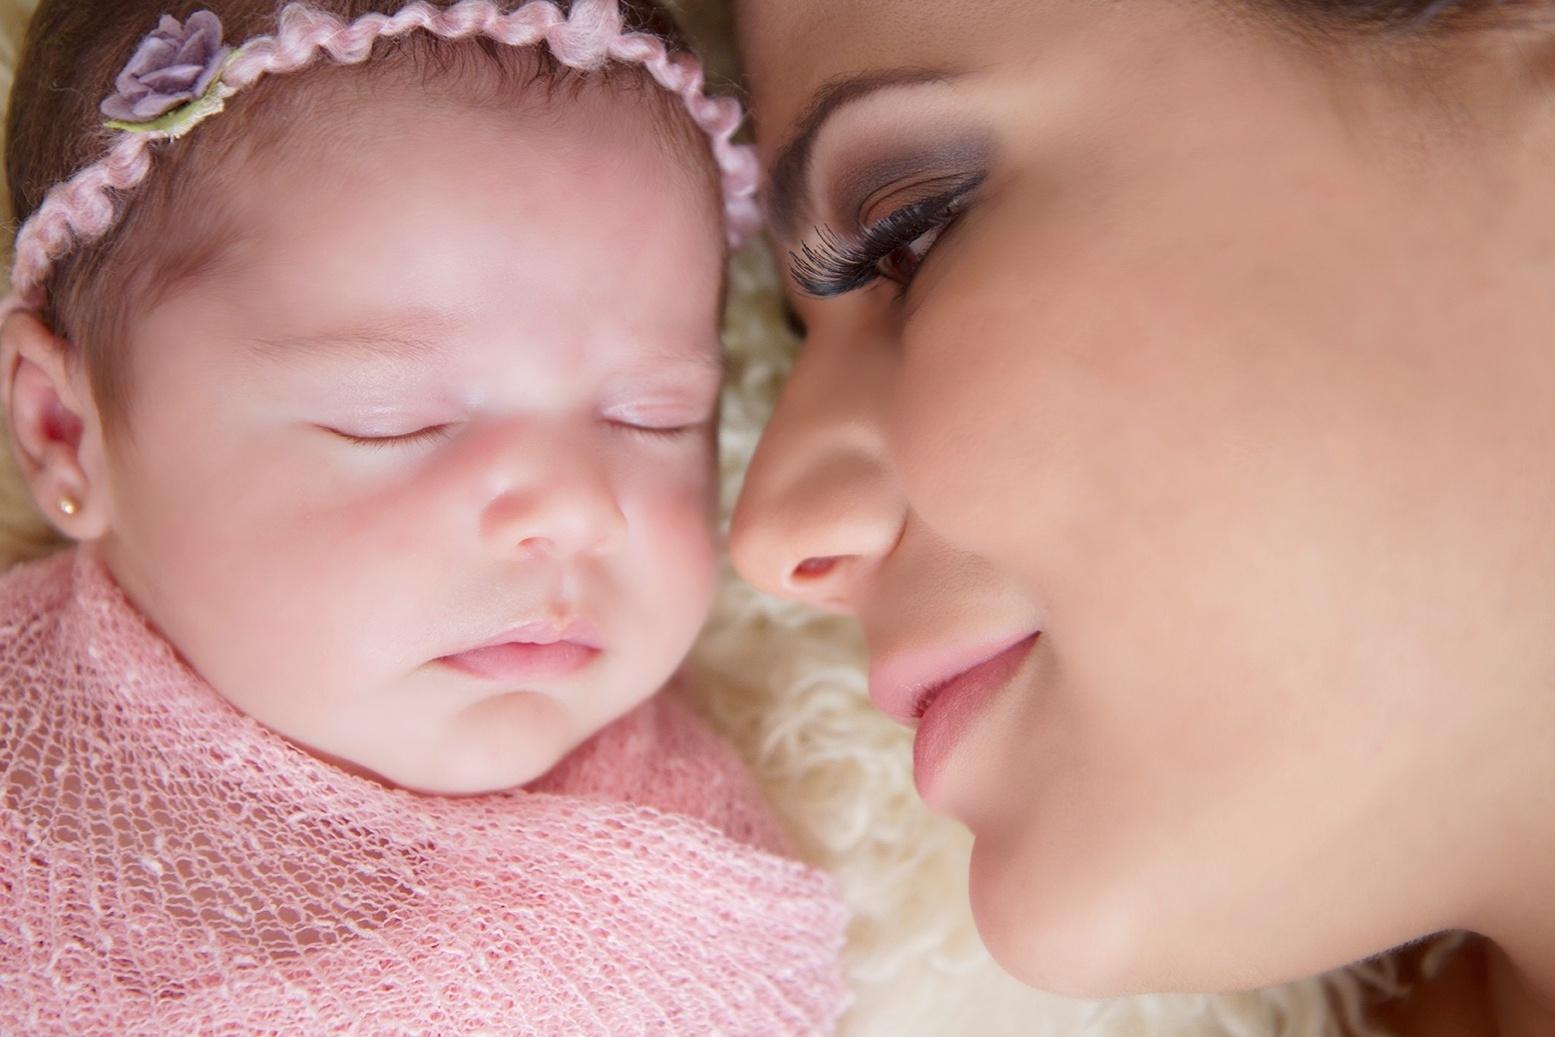 25.abr.2014 - Nívea Stelmann posa com a filha recém-nascida Bruna, fruto da relação da atriz com o empresário Marcus Rocha. As duas foram clicadas pela fotógrafa Gisele Fap